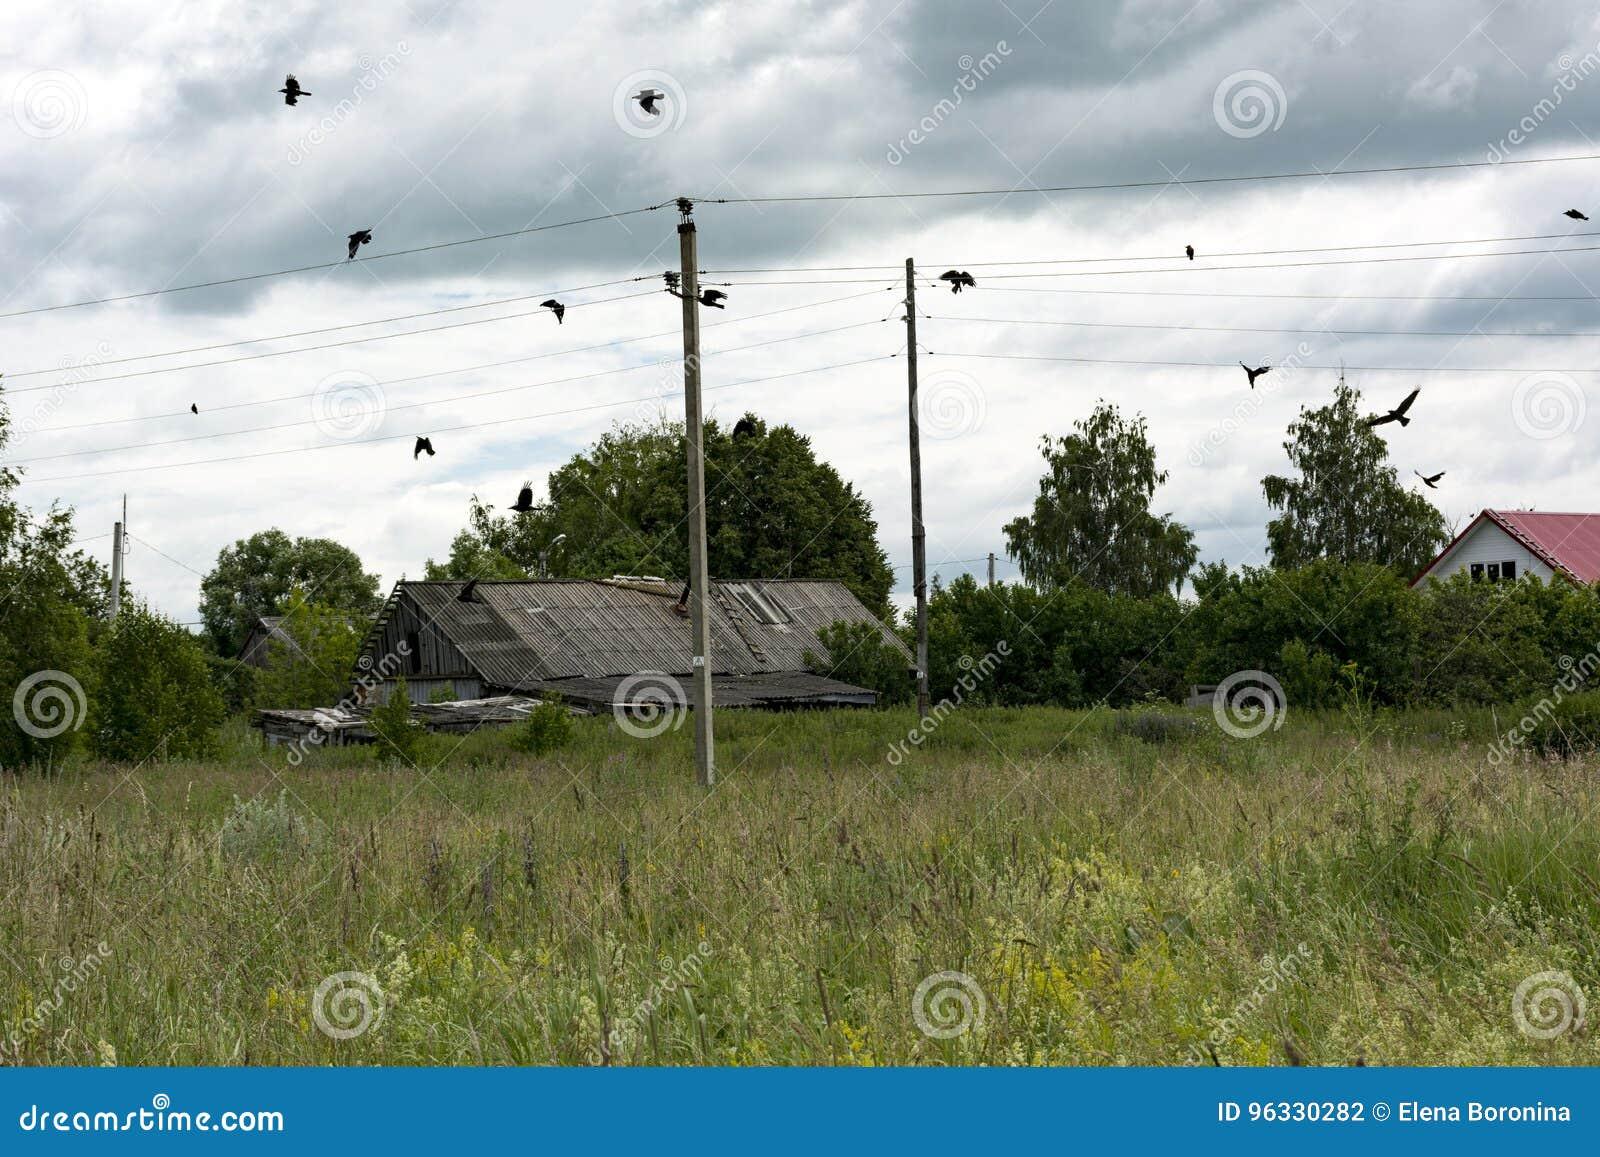 Bygd träd, fåglar, galanden över ängen, tak, pelare